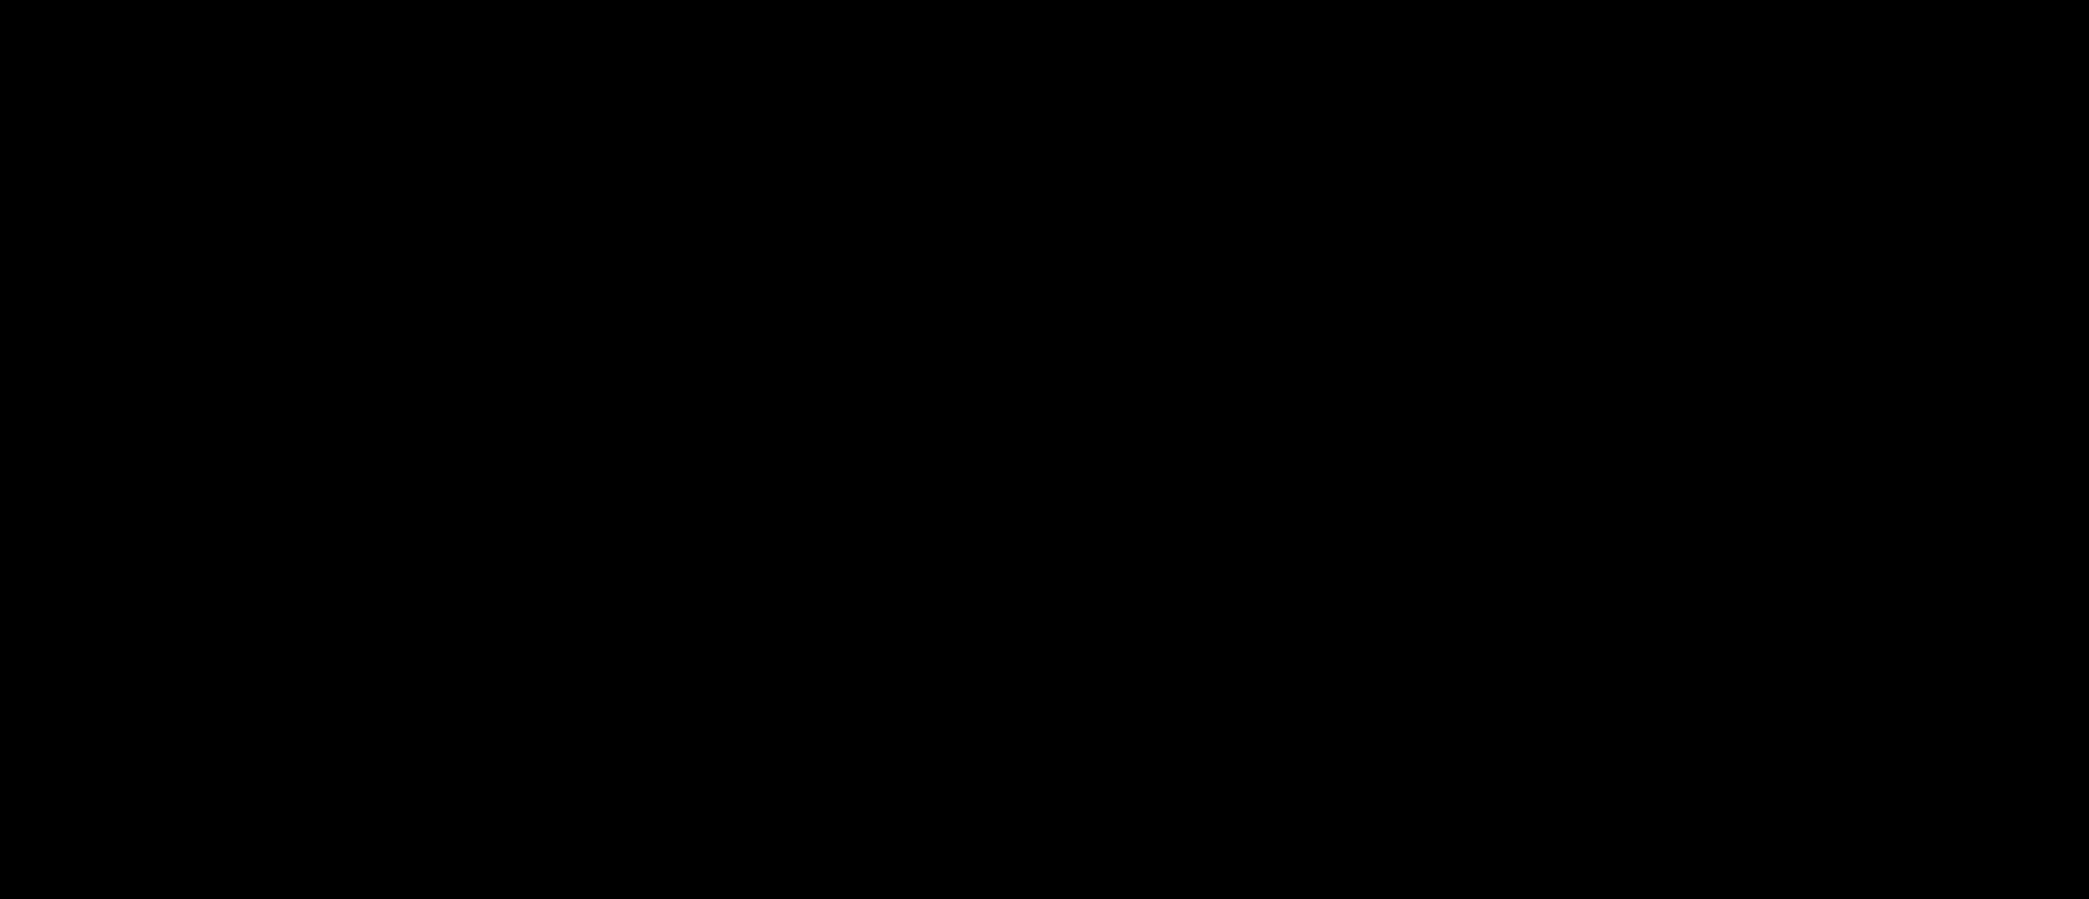 Freunde der Zeit Podcast von Sarah Sigismondi. Logo Design von Simone Angerer.